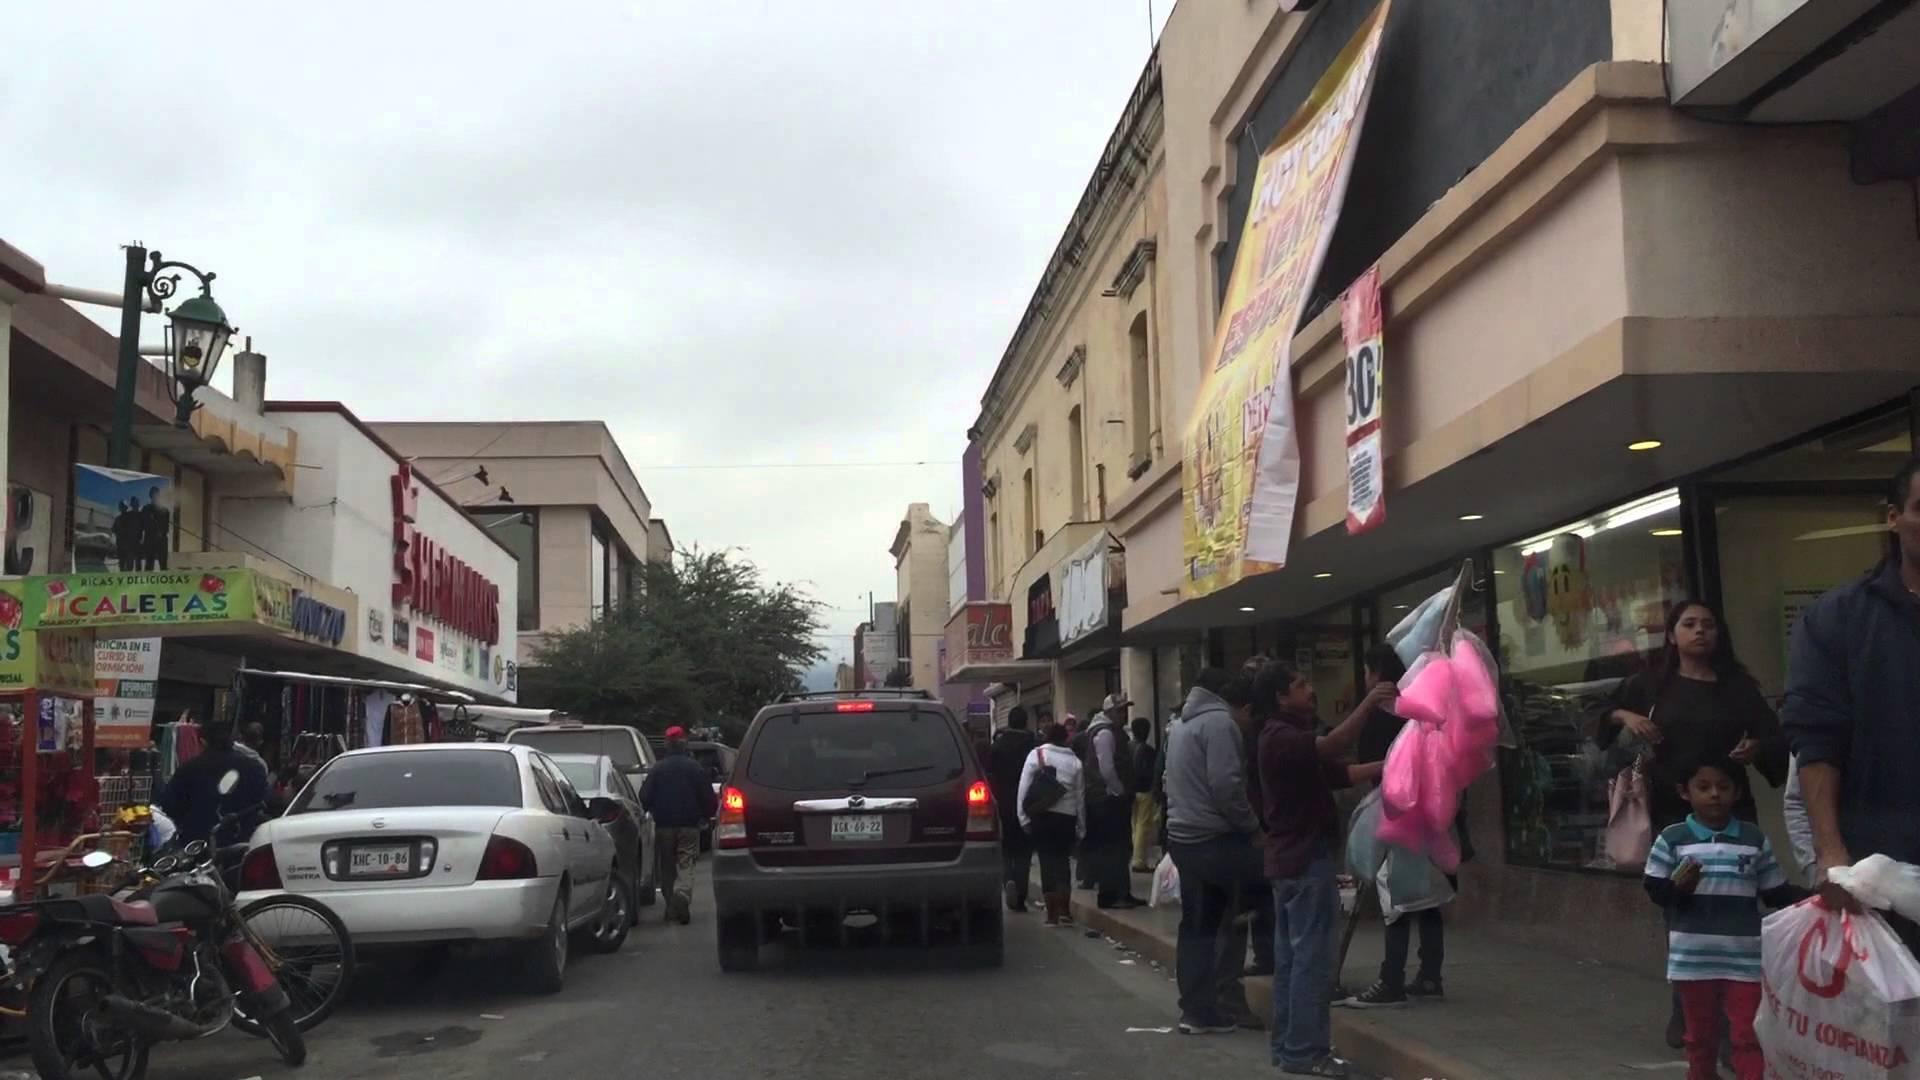 Ciudad Victoria, Mexico